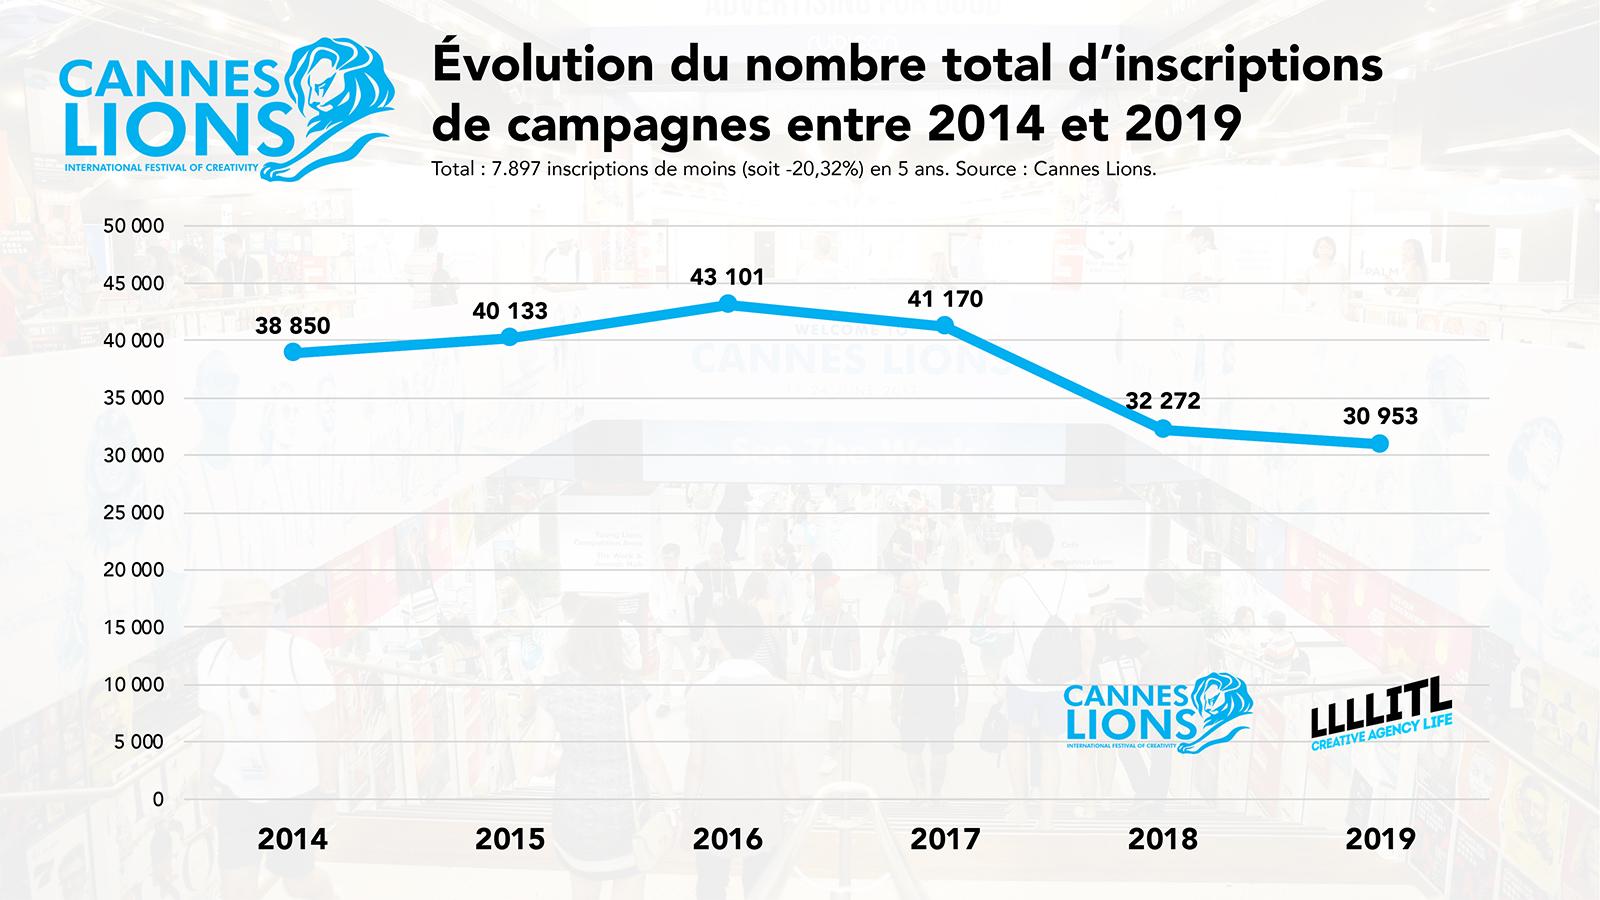 Cannes Lions : évolution du nombre total d'inscriptions de campagnes entre 2014 et 2019